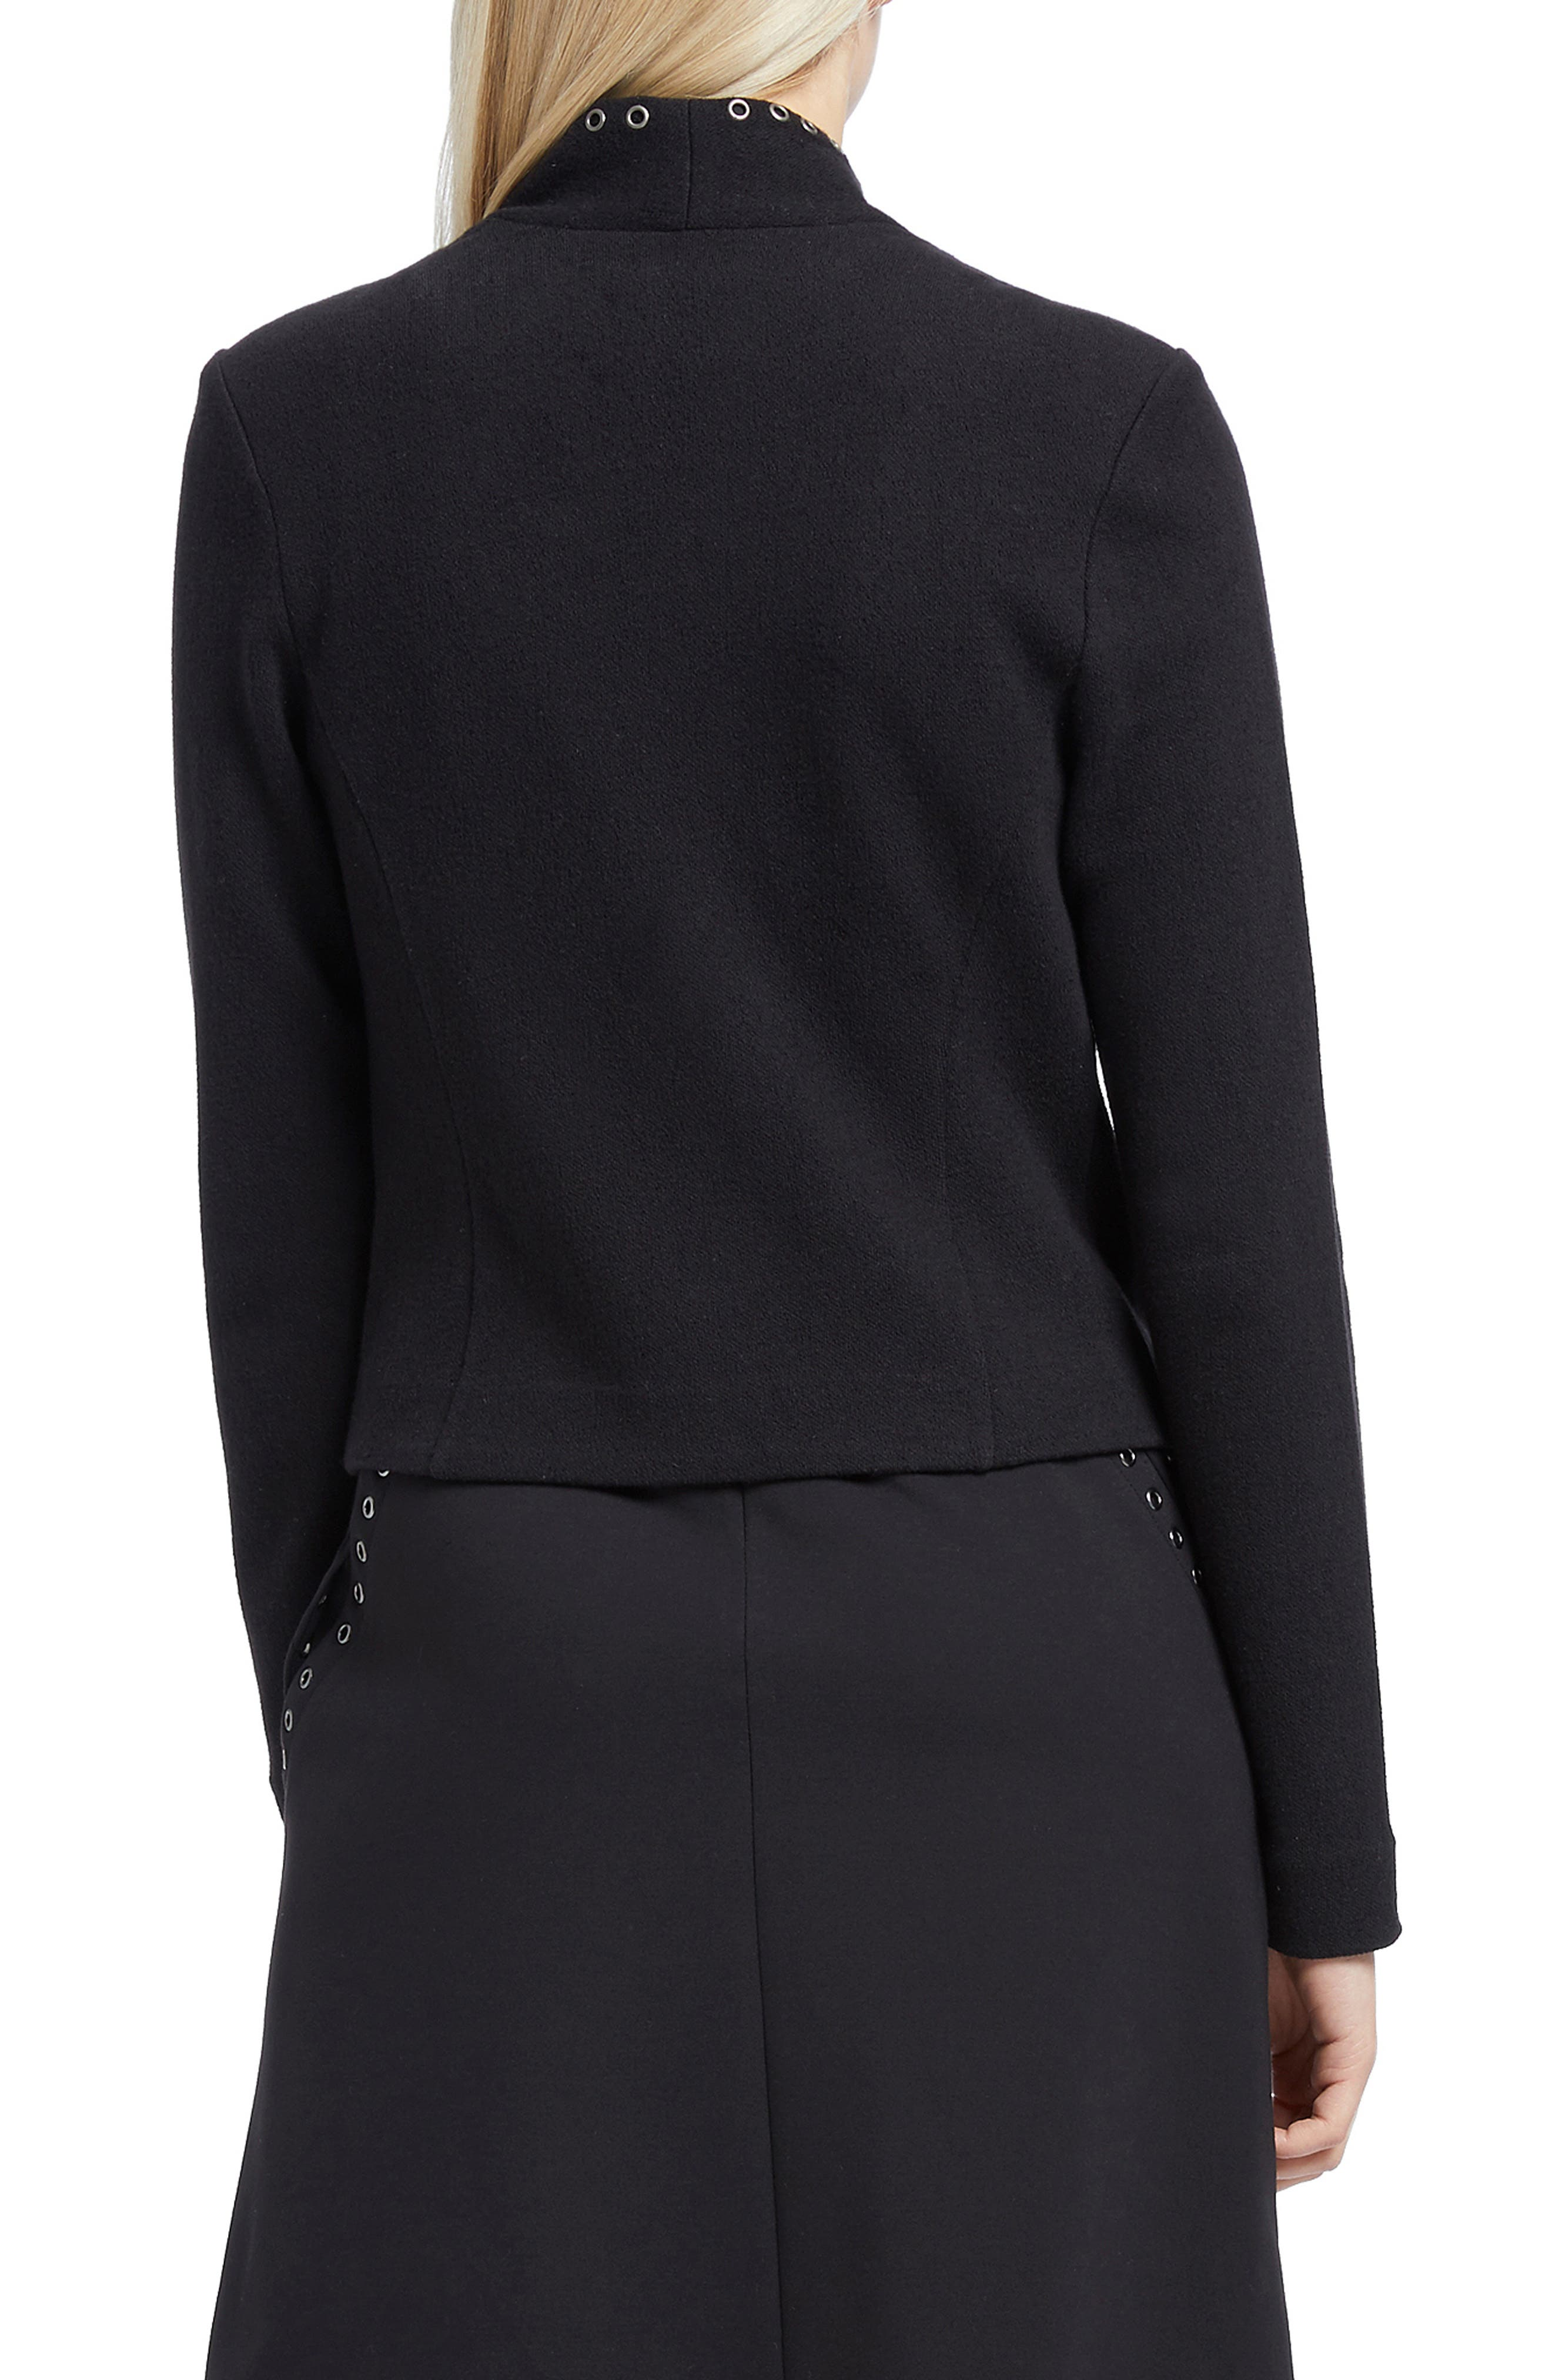 Nic+zoe Coats Links Crop Jacket